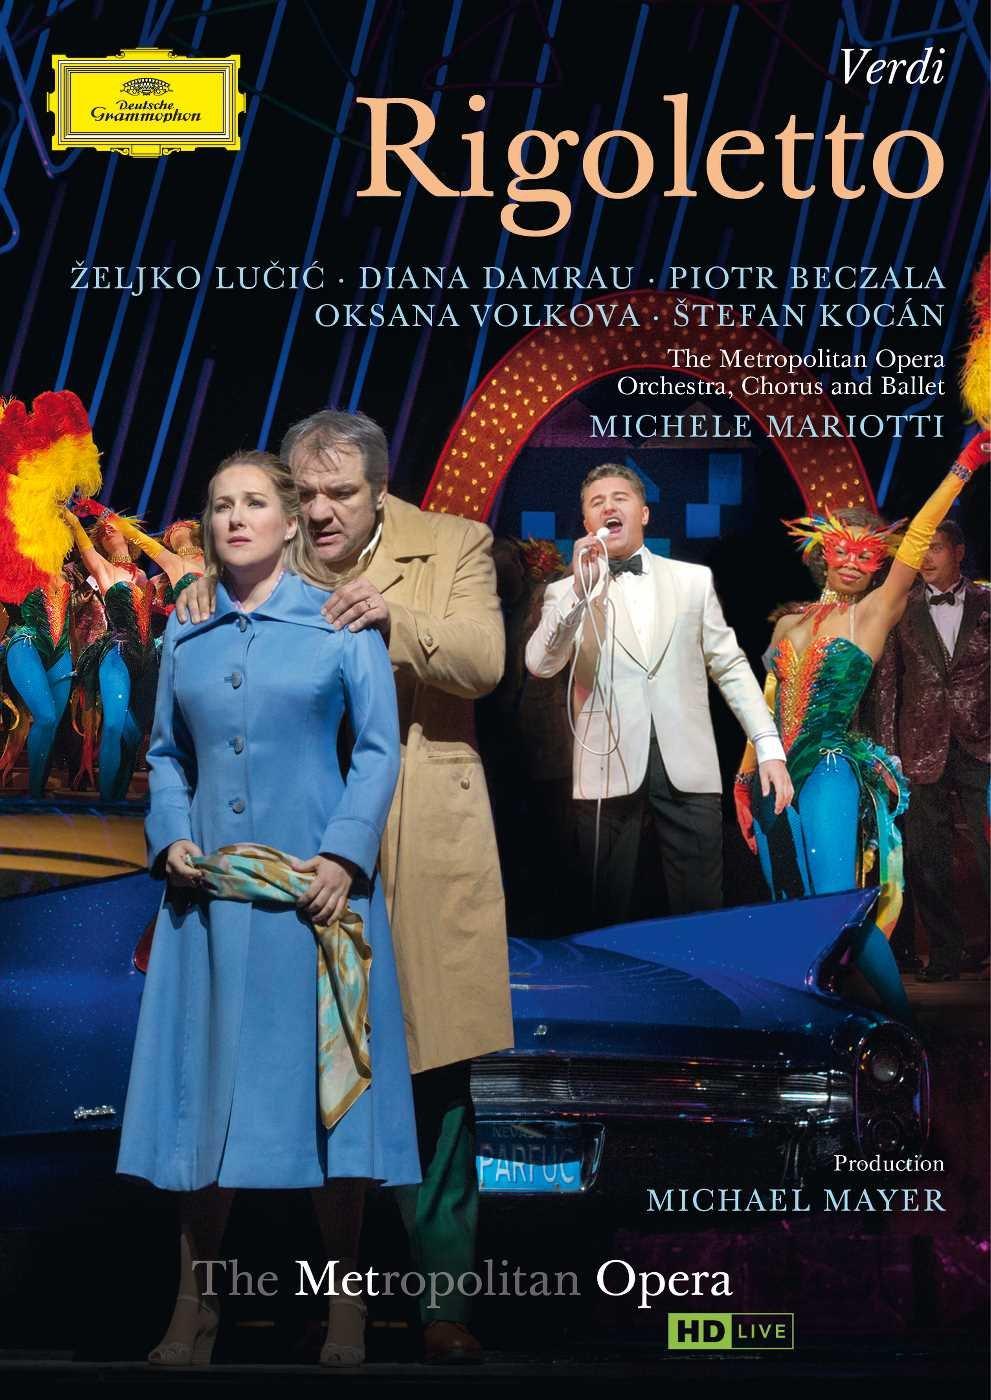 DVD : Zeljko Lucic - Rigoletto (DVD)